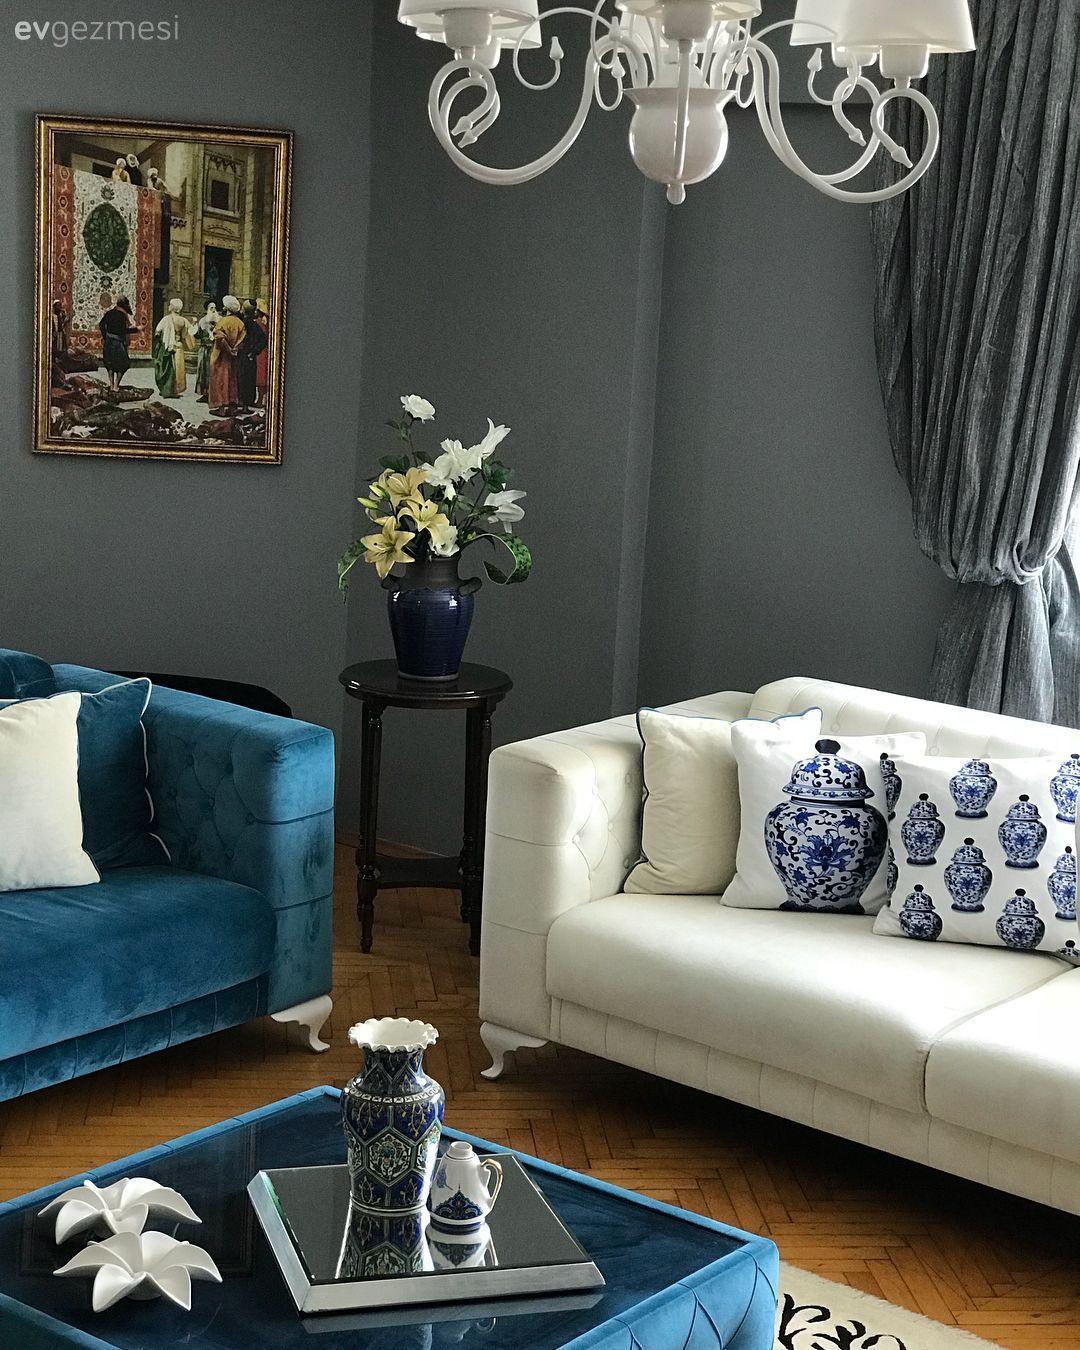 Bu Evde Uyumlu Renkler Sik Mobilyalarla Bulusuyor Ev Gezmesi Mobilya Fikirleri Mobilya Oturma Odasi Fikirleri